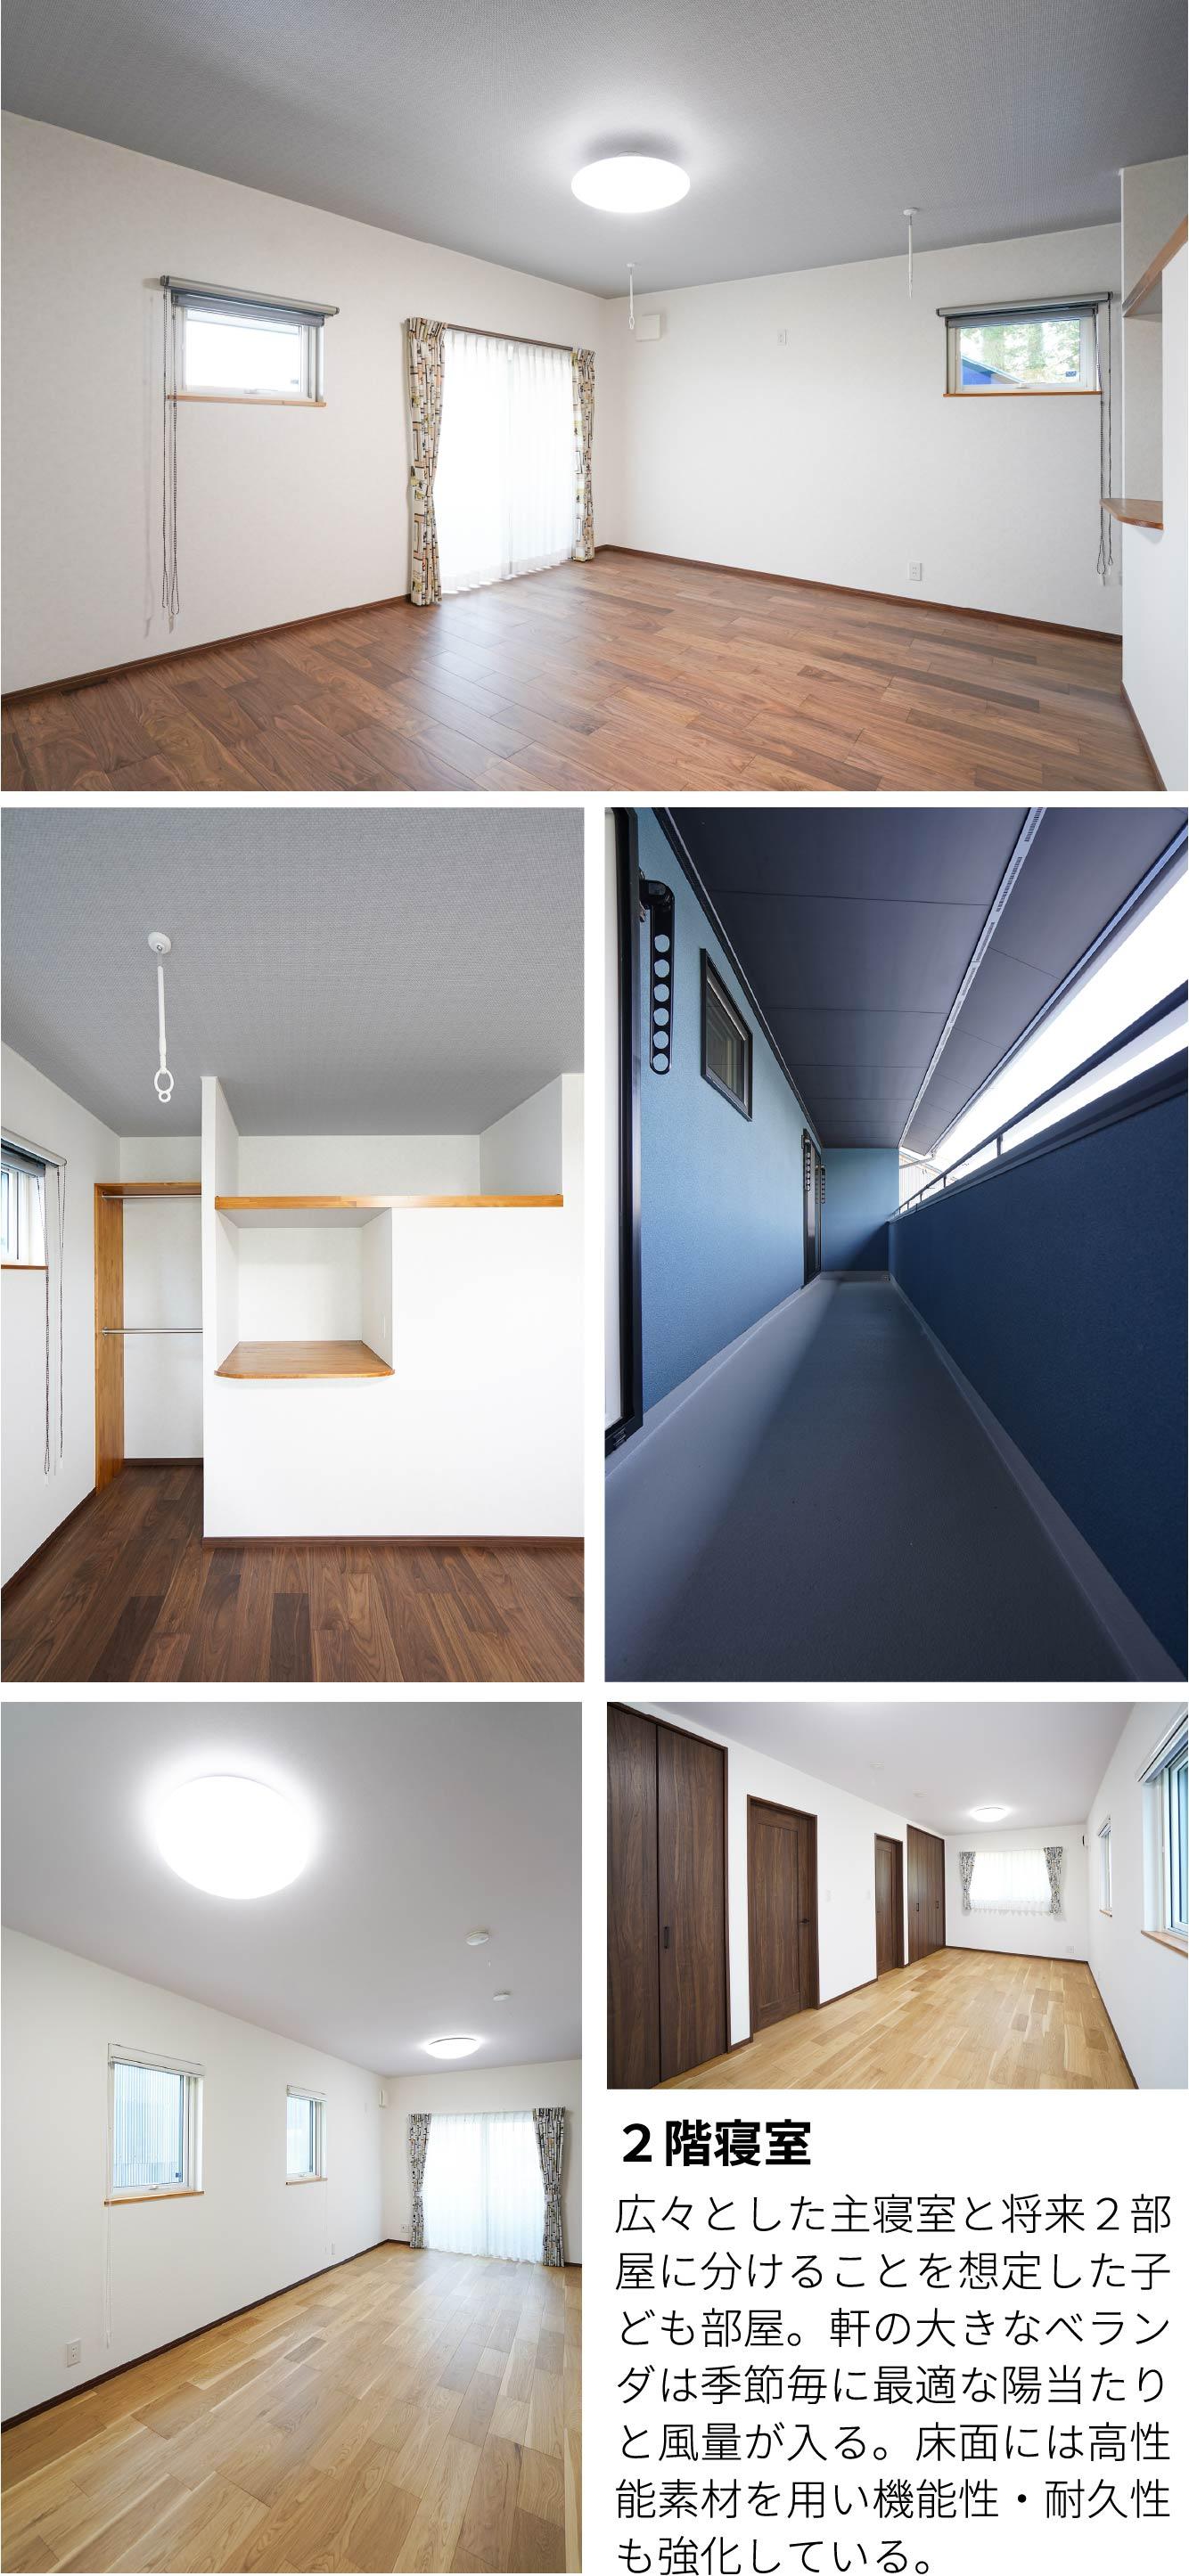 2階寝室-広々とした主寝室と将来2部屋に分けることを想定した子ども部屋。軒の大きなベランダは季節毎に最適な陽当たりと風量が入る。床面には高性能素材を用い機能性・耐久性も強化している。